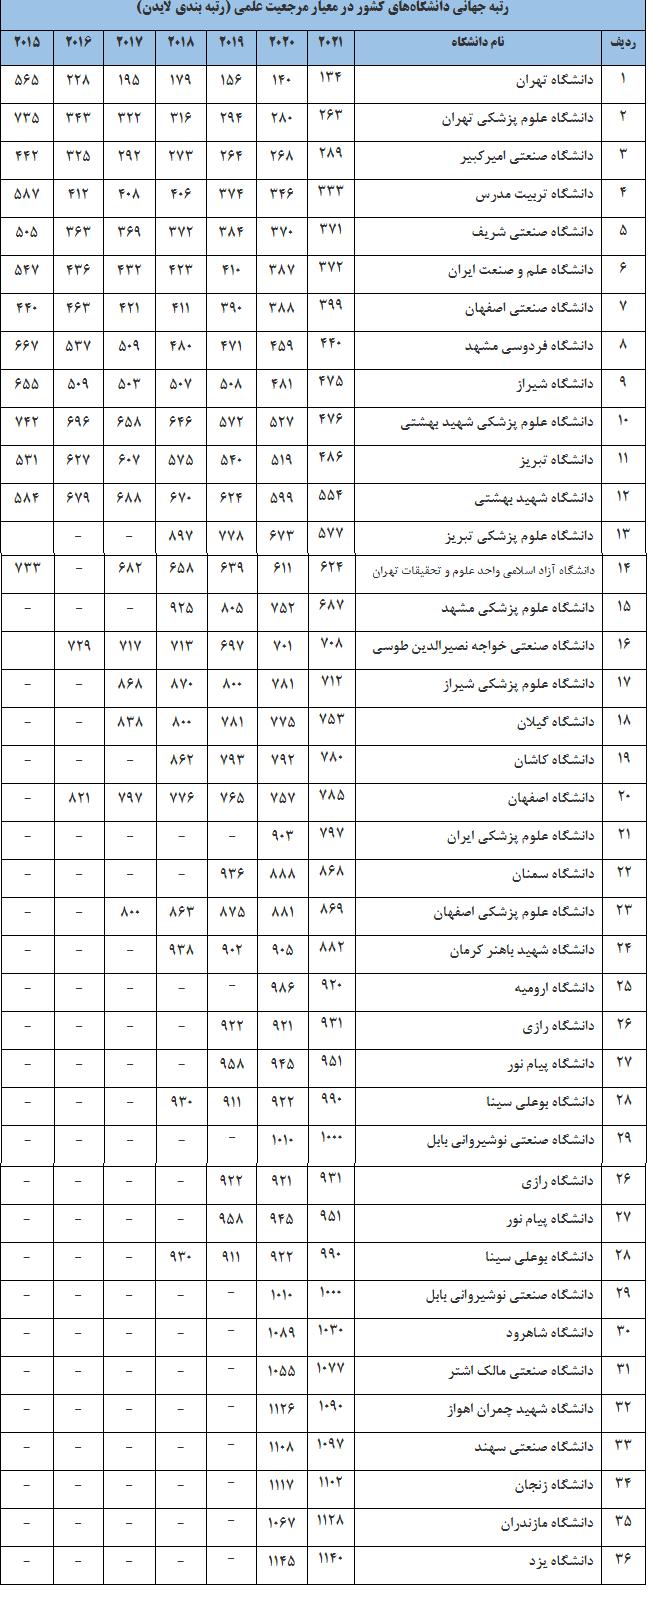 ۳۶ دانشگاه ایران در جمع دانشگاههای برتر جهان